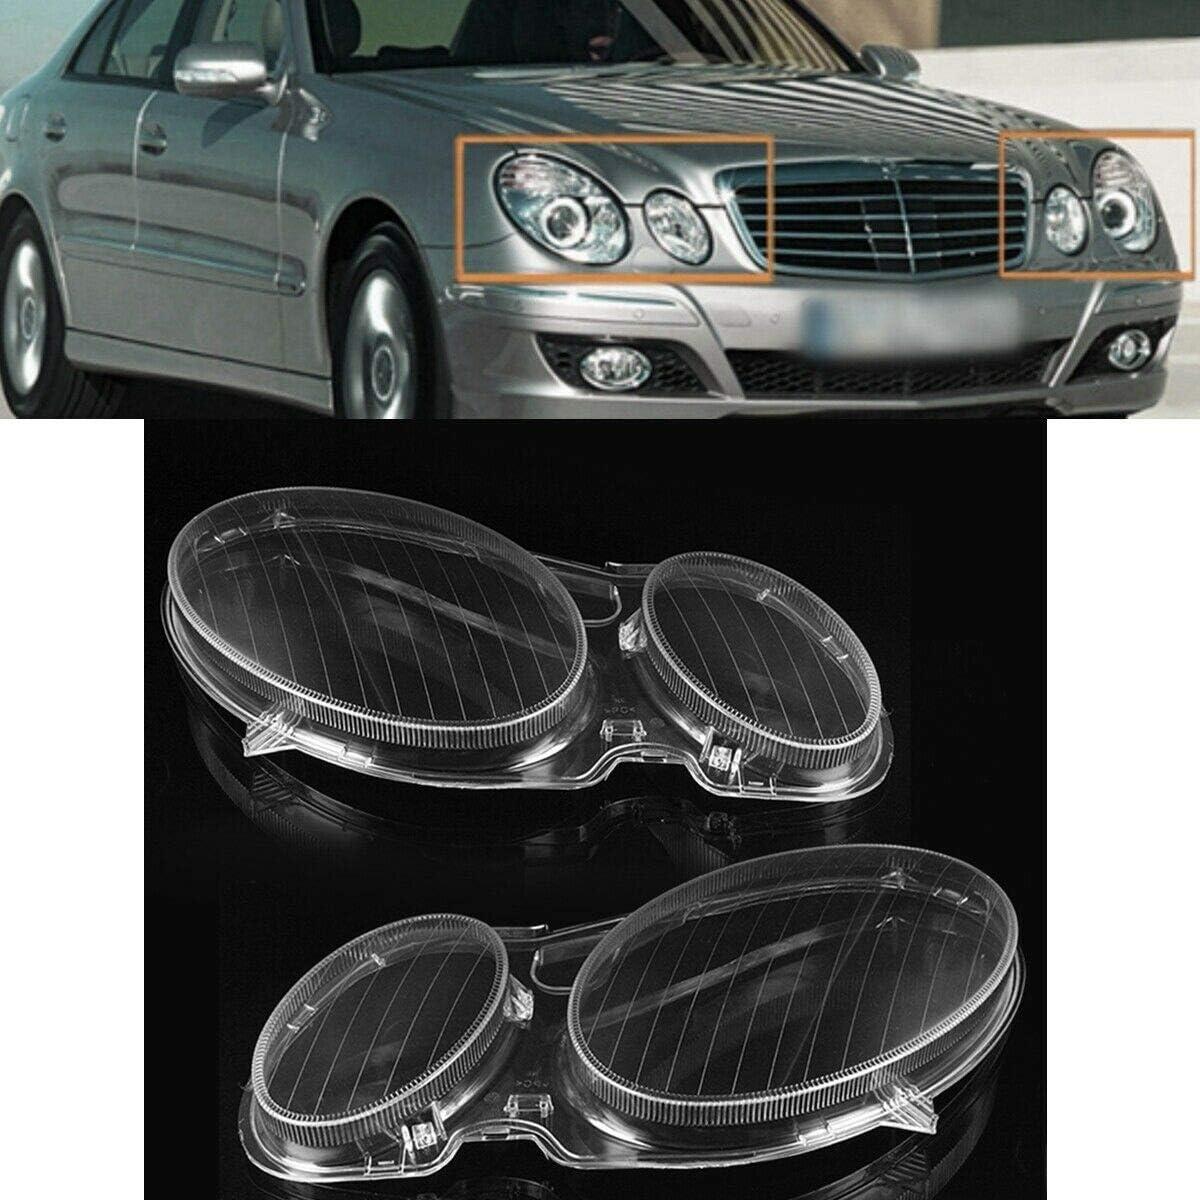 W211 E350 320200 2002-2008 Derecha R Nrpfell Sombra de Lente Transparente del Faro del Coche para Mercedes